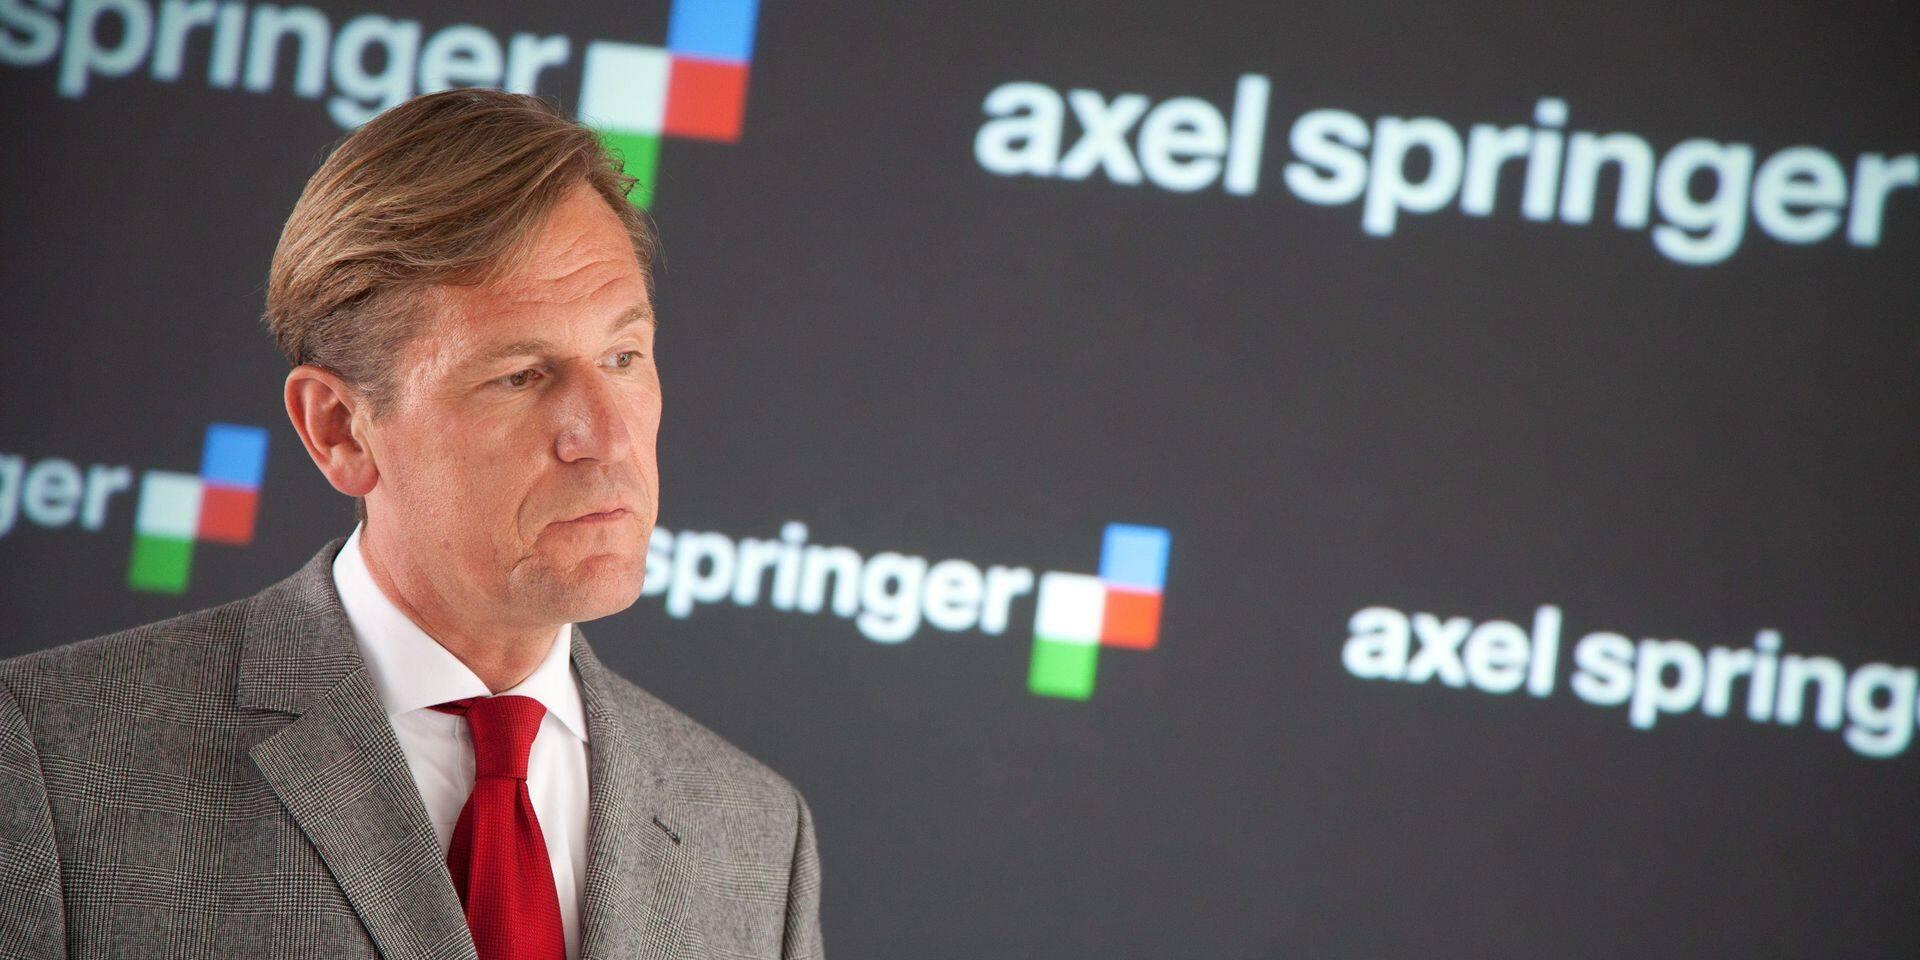 Axel Springer: recul du bénéfice au 2e trimestre, les petites annonces touchées par le ralentissement mondial